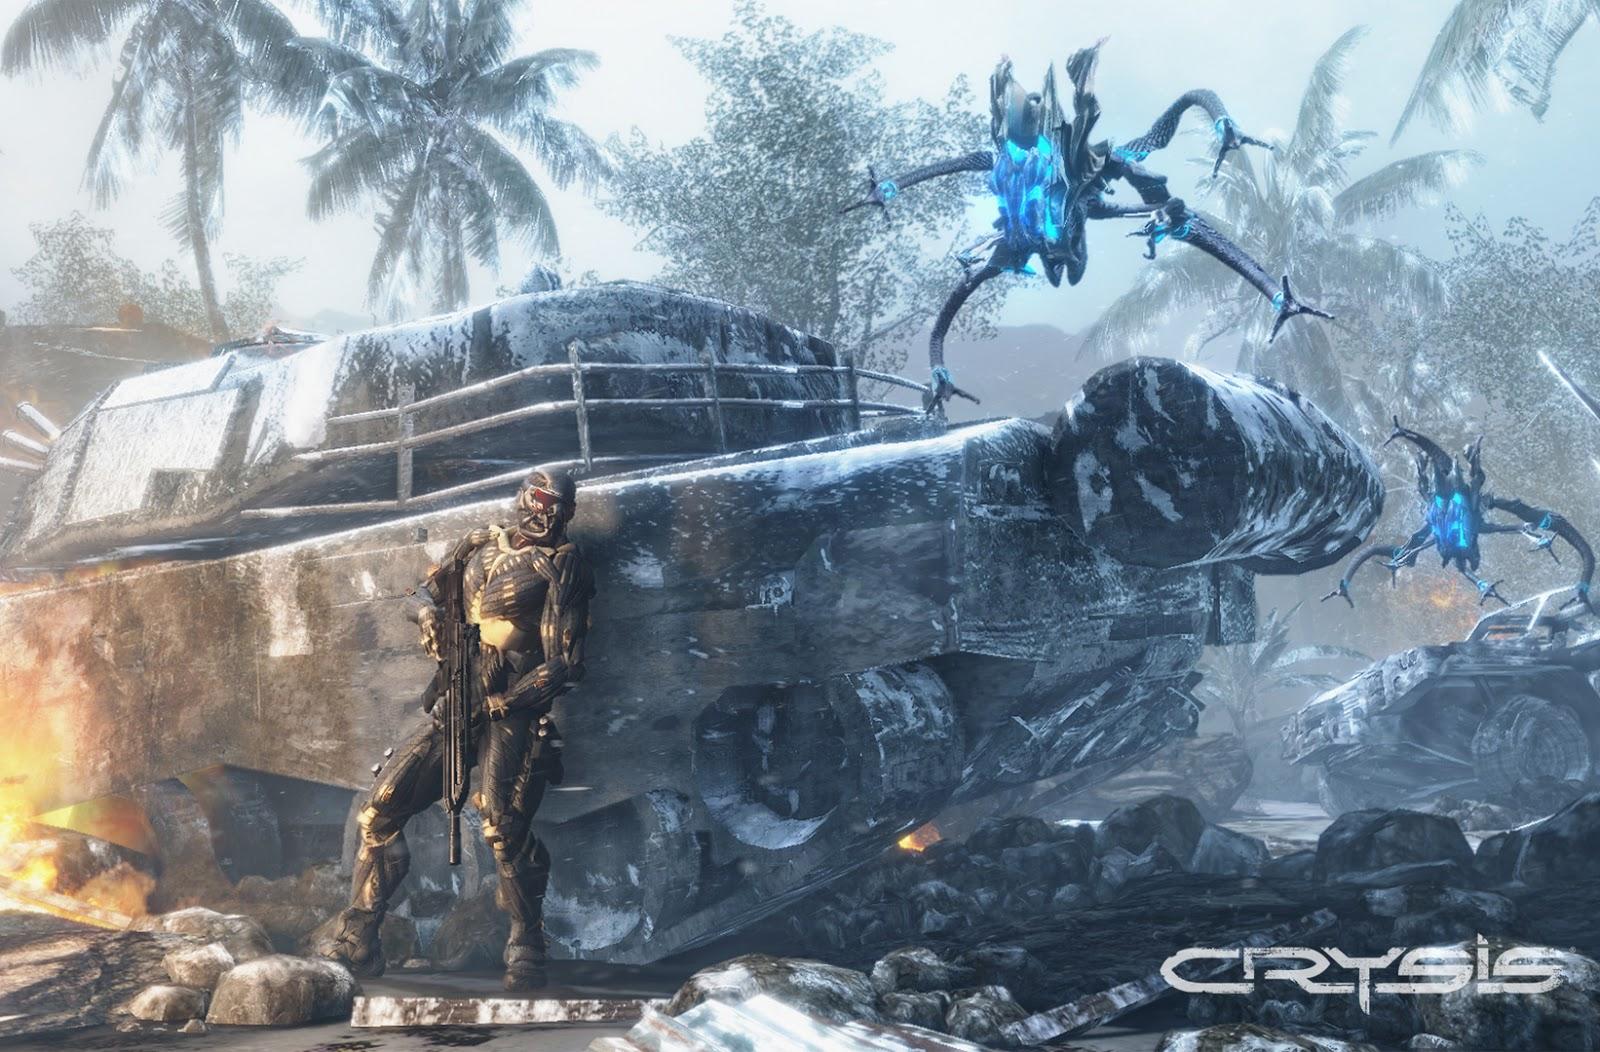 Crysis PC Full ESPAÑOL REPACK 2 DVD5 (JPW) 5